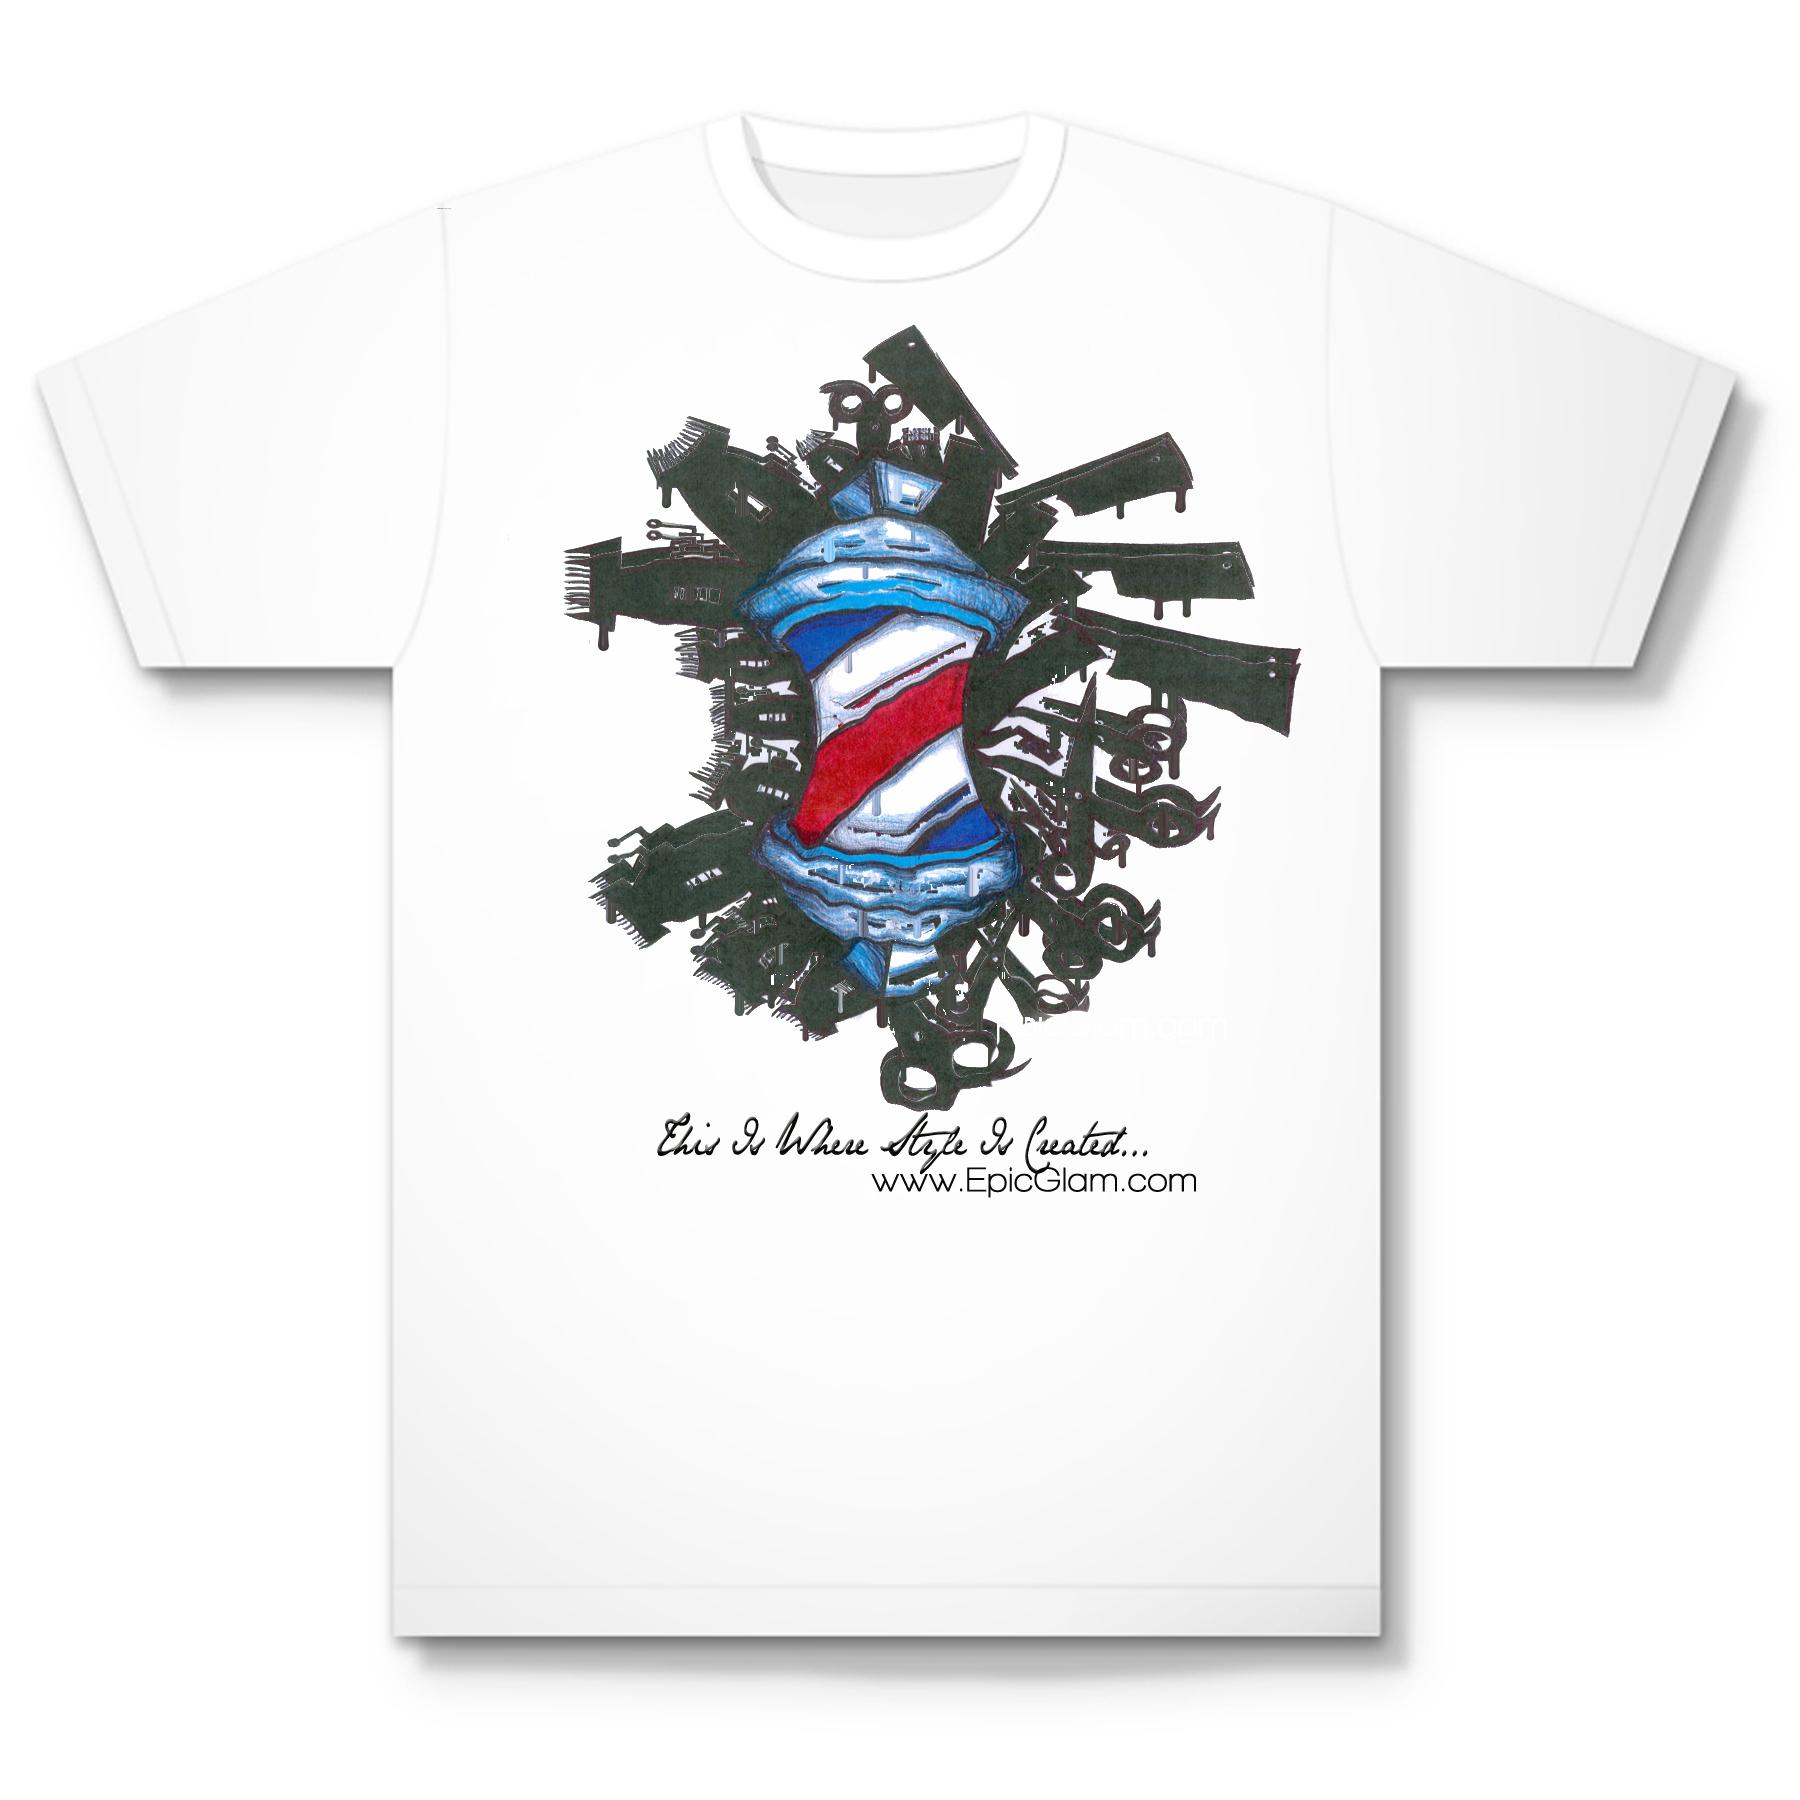 epicglam tshirt 5.jpg